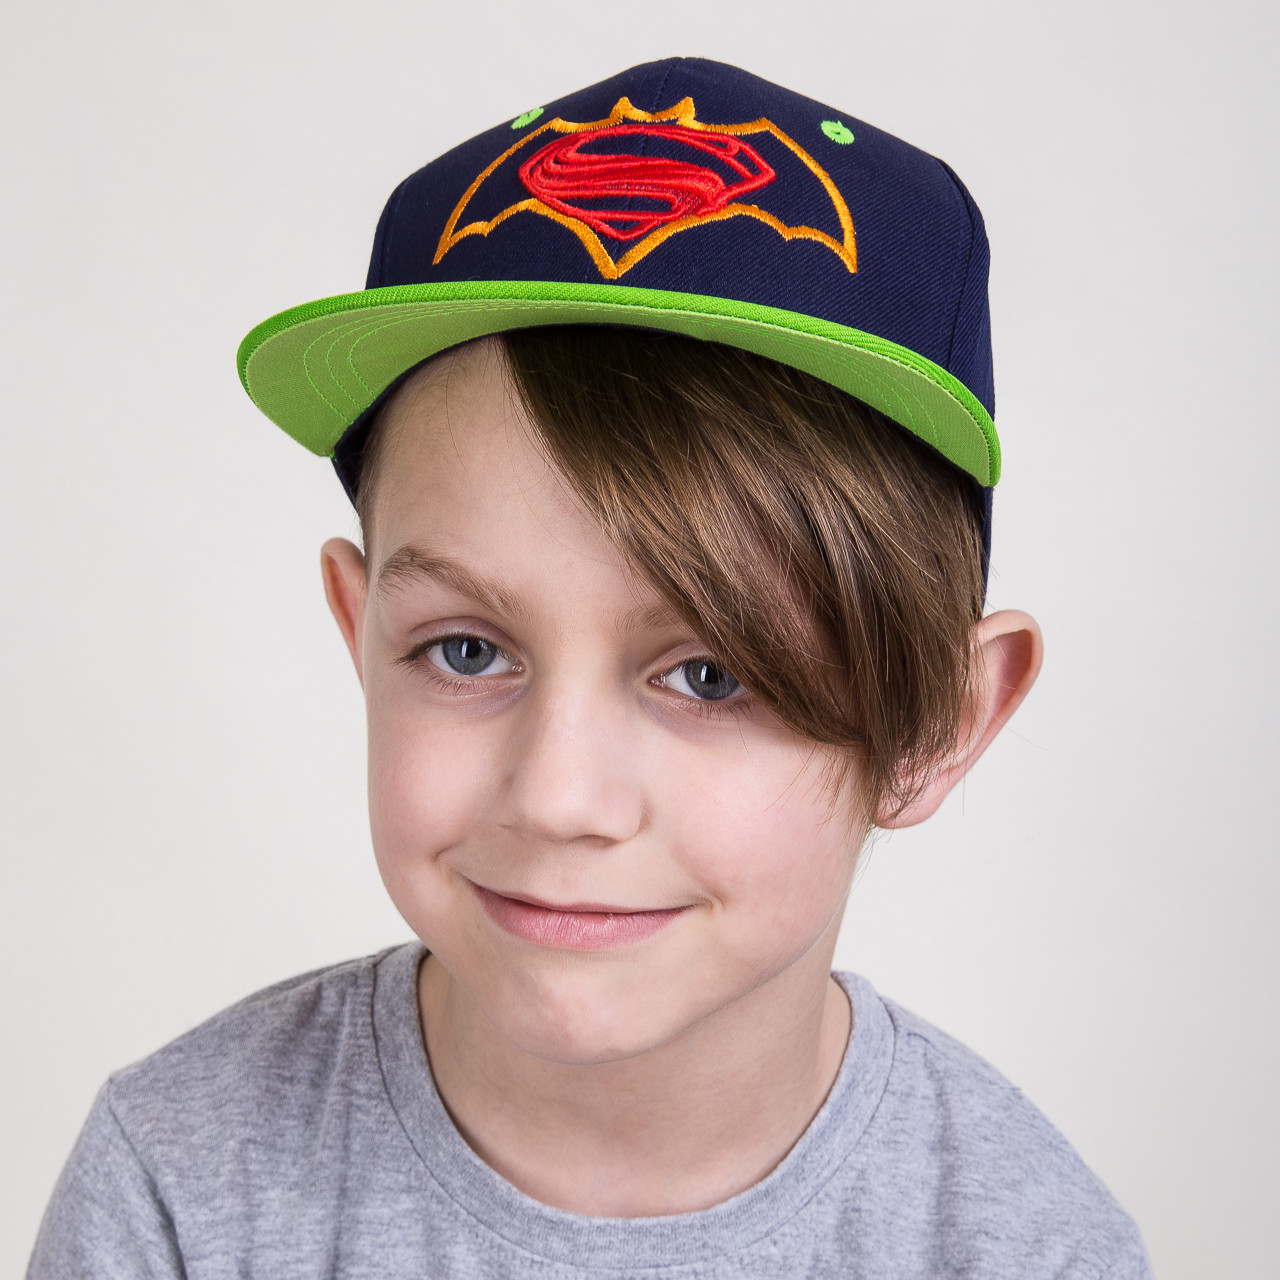 Реперская кепка Snapback для мальчика от производителя - Б08b